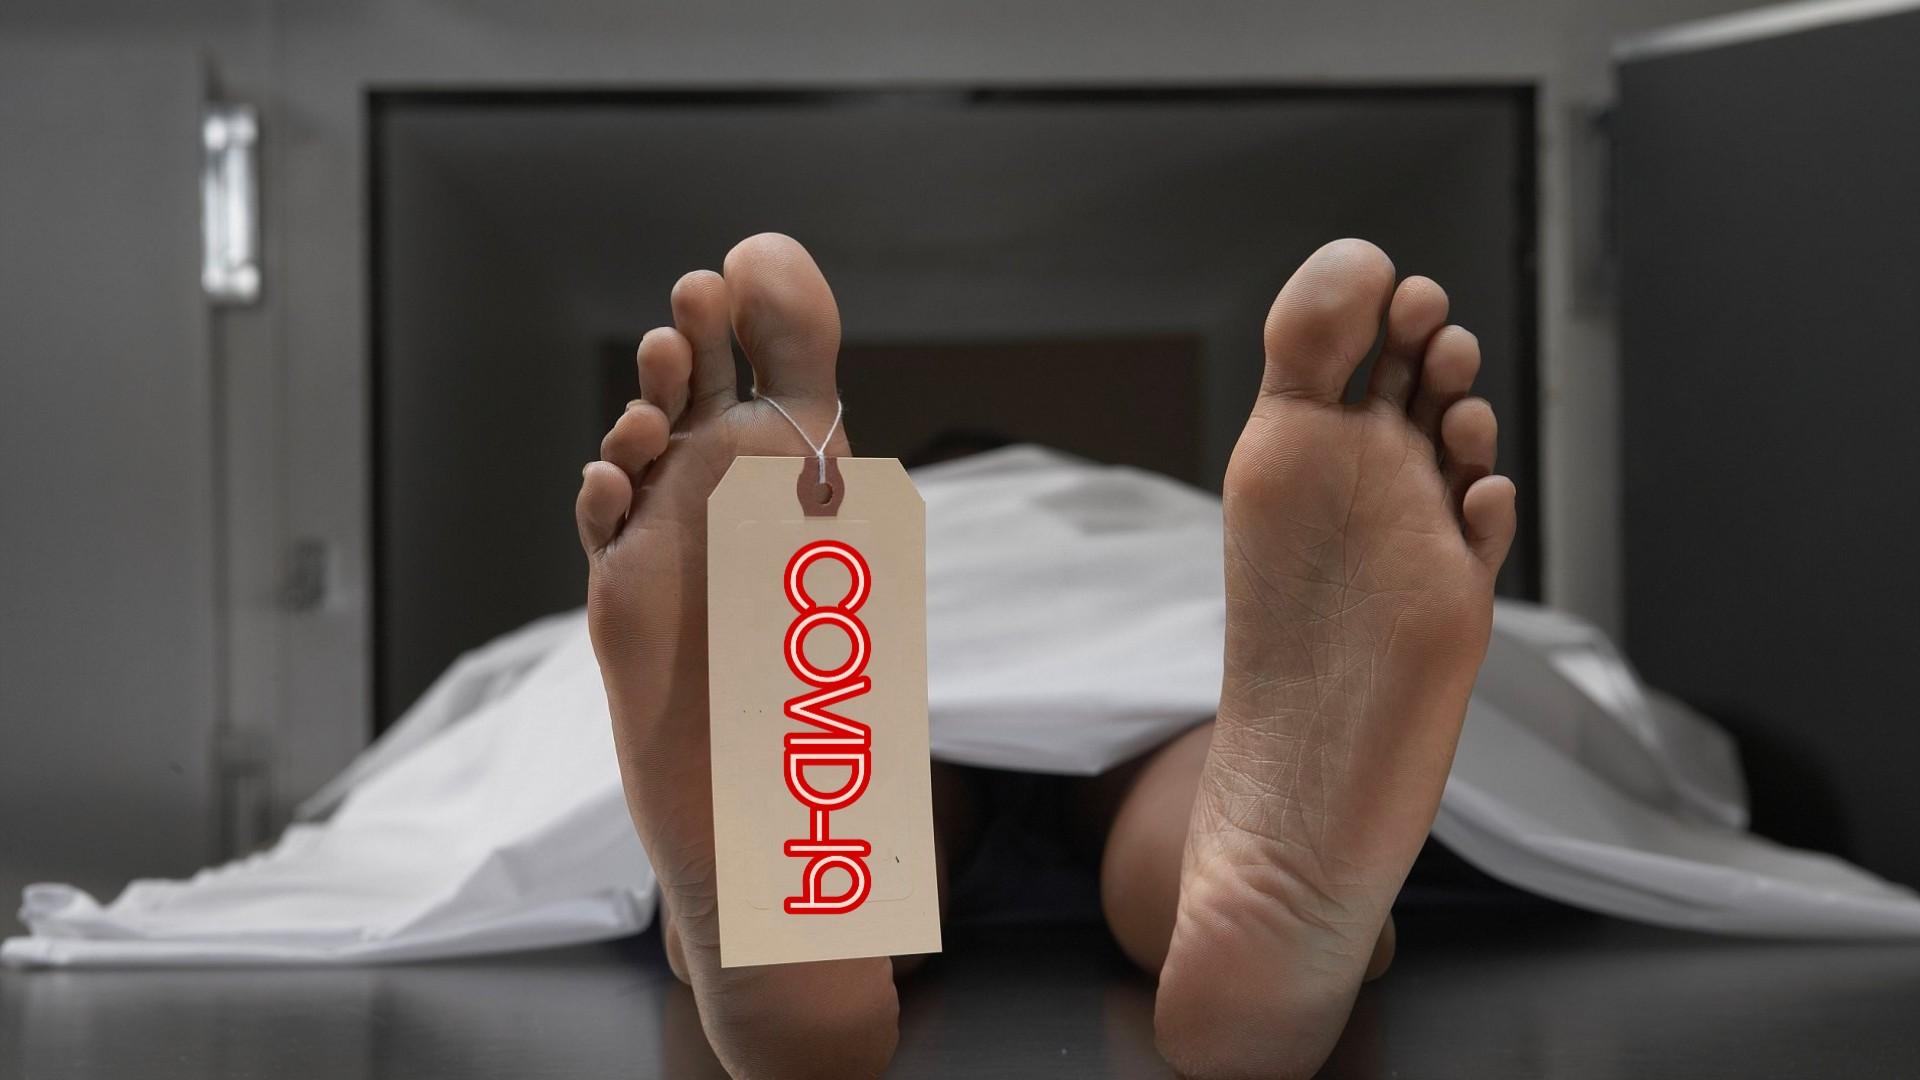 Alte 7 noi decese de CORONAVIRUS în România. Bilanţul a ajuns la 114 morţi